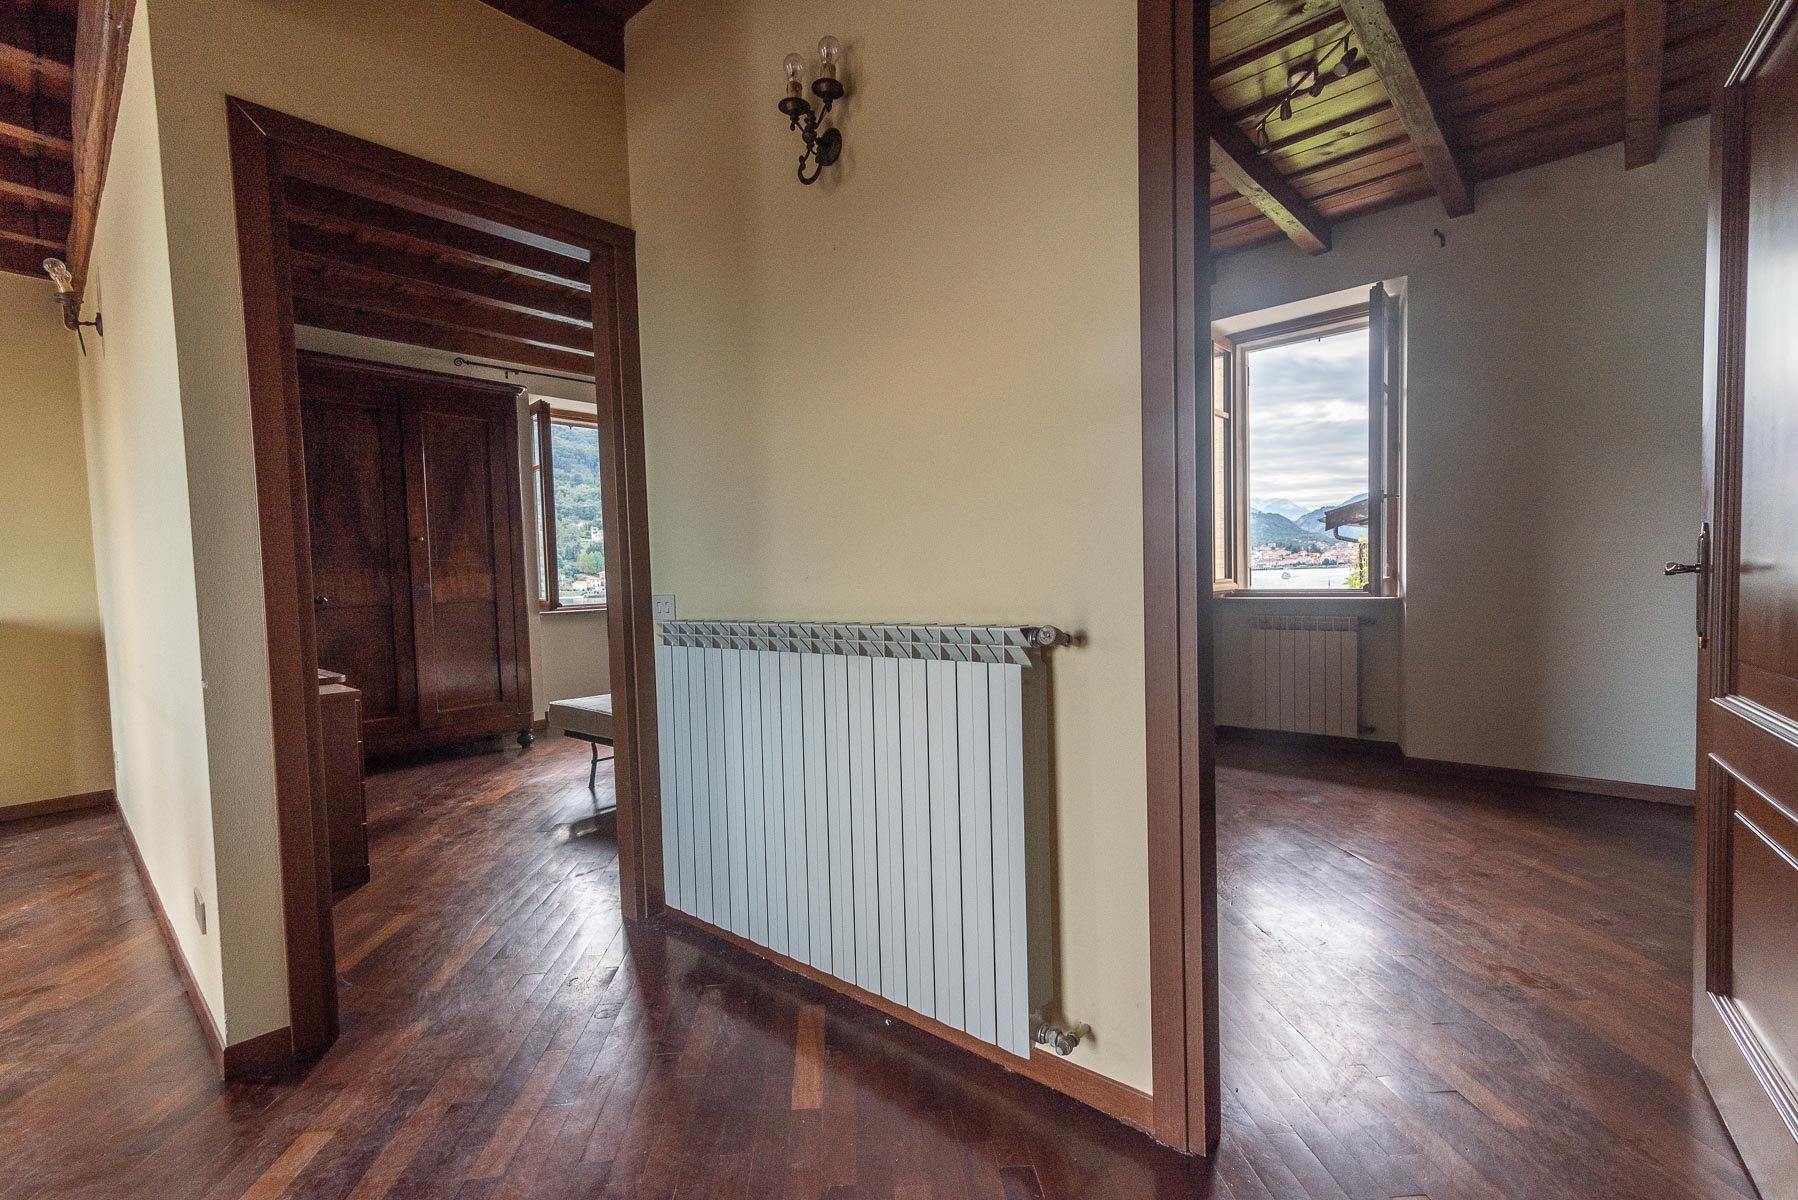 Apartment for sale in Pescatori island,Stresa-entrance